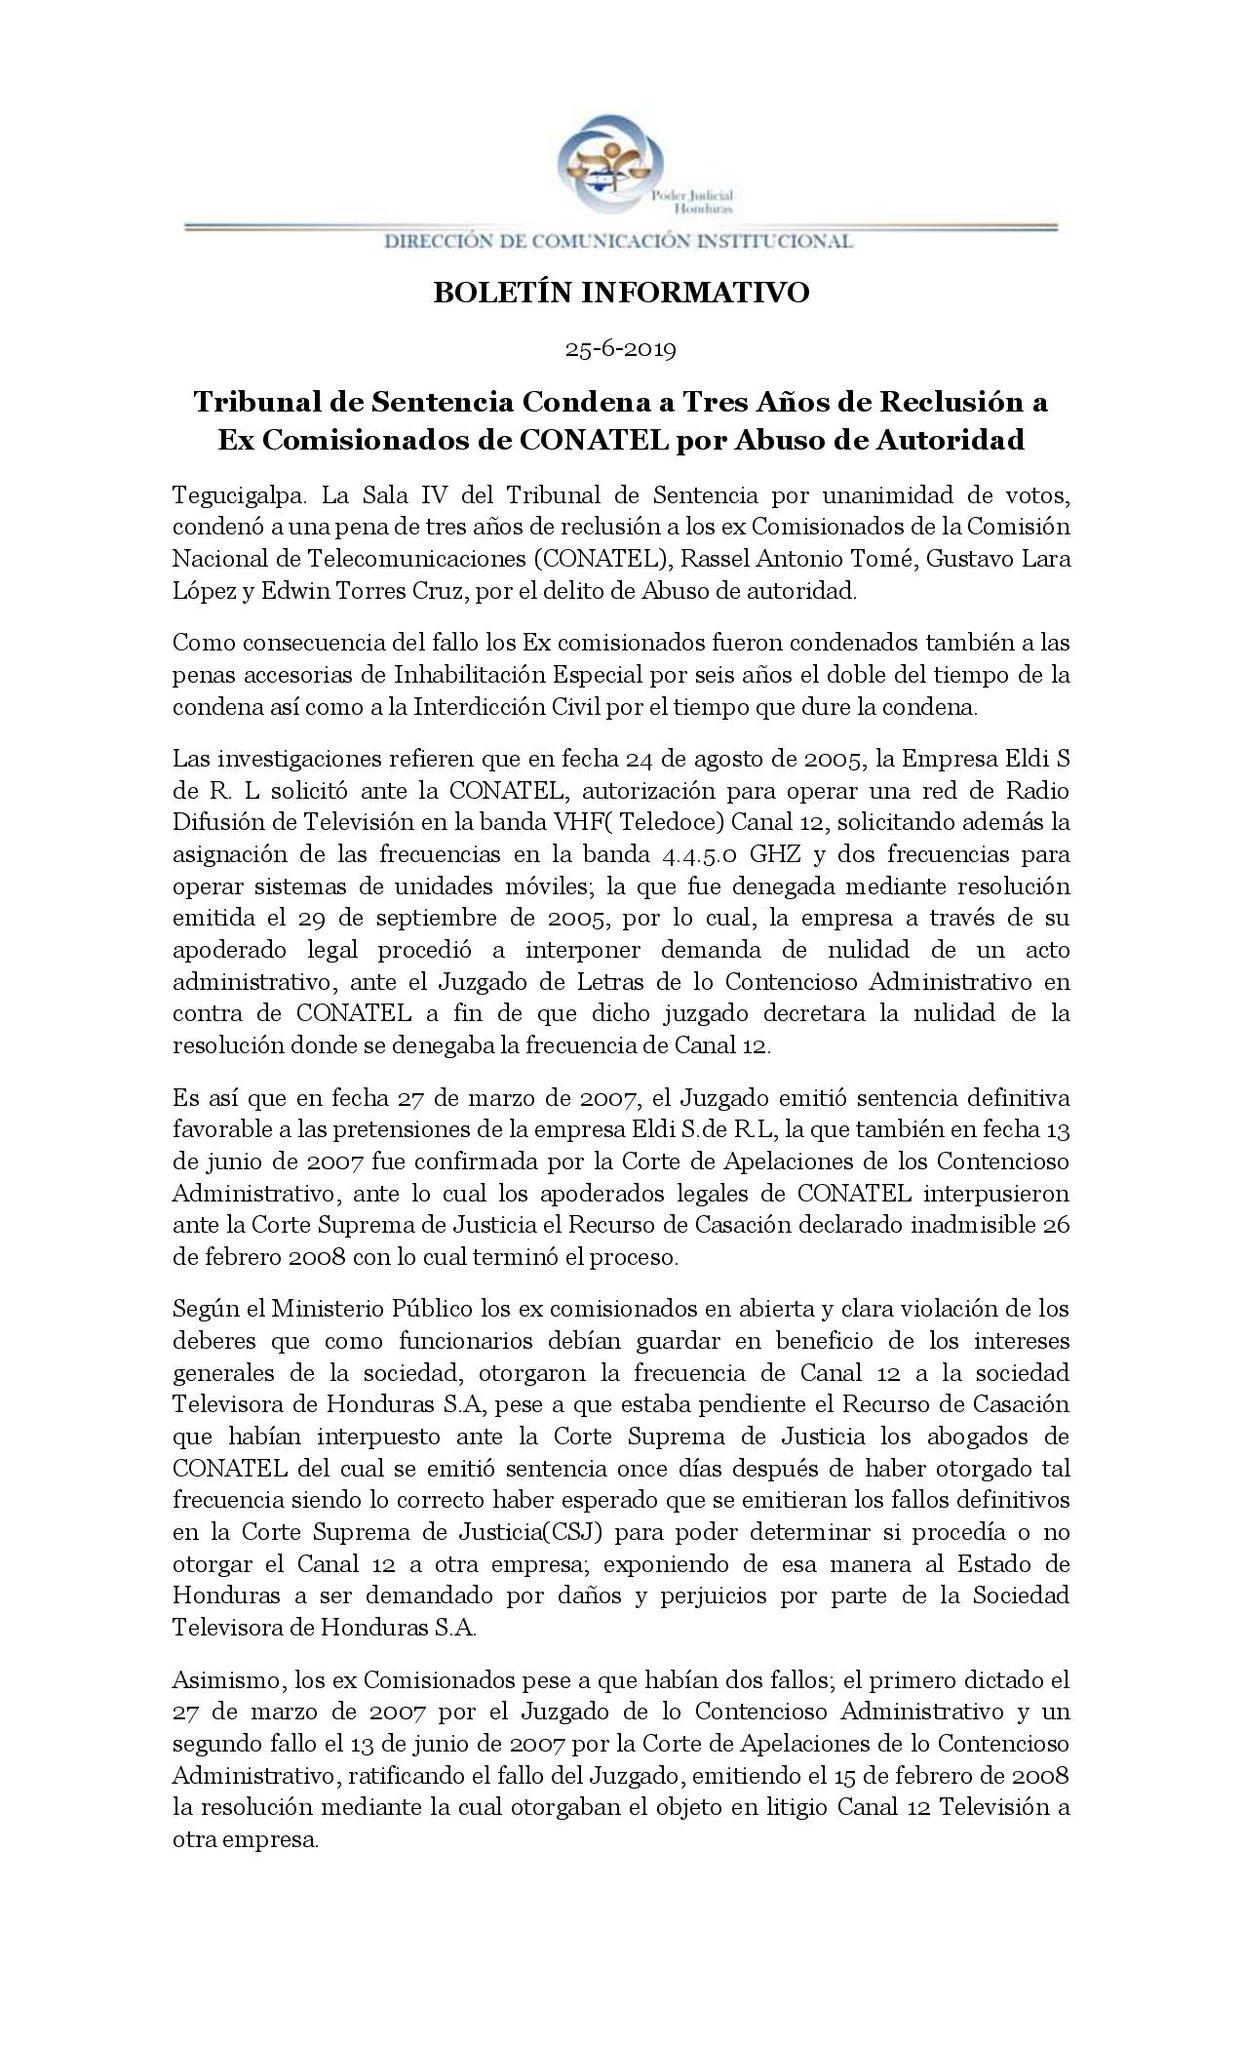 Comunicado del Poder Judicial sobre la sentencia de excomisionados de Conatel